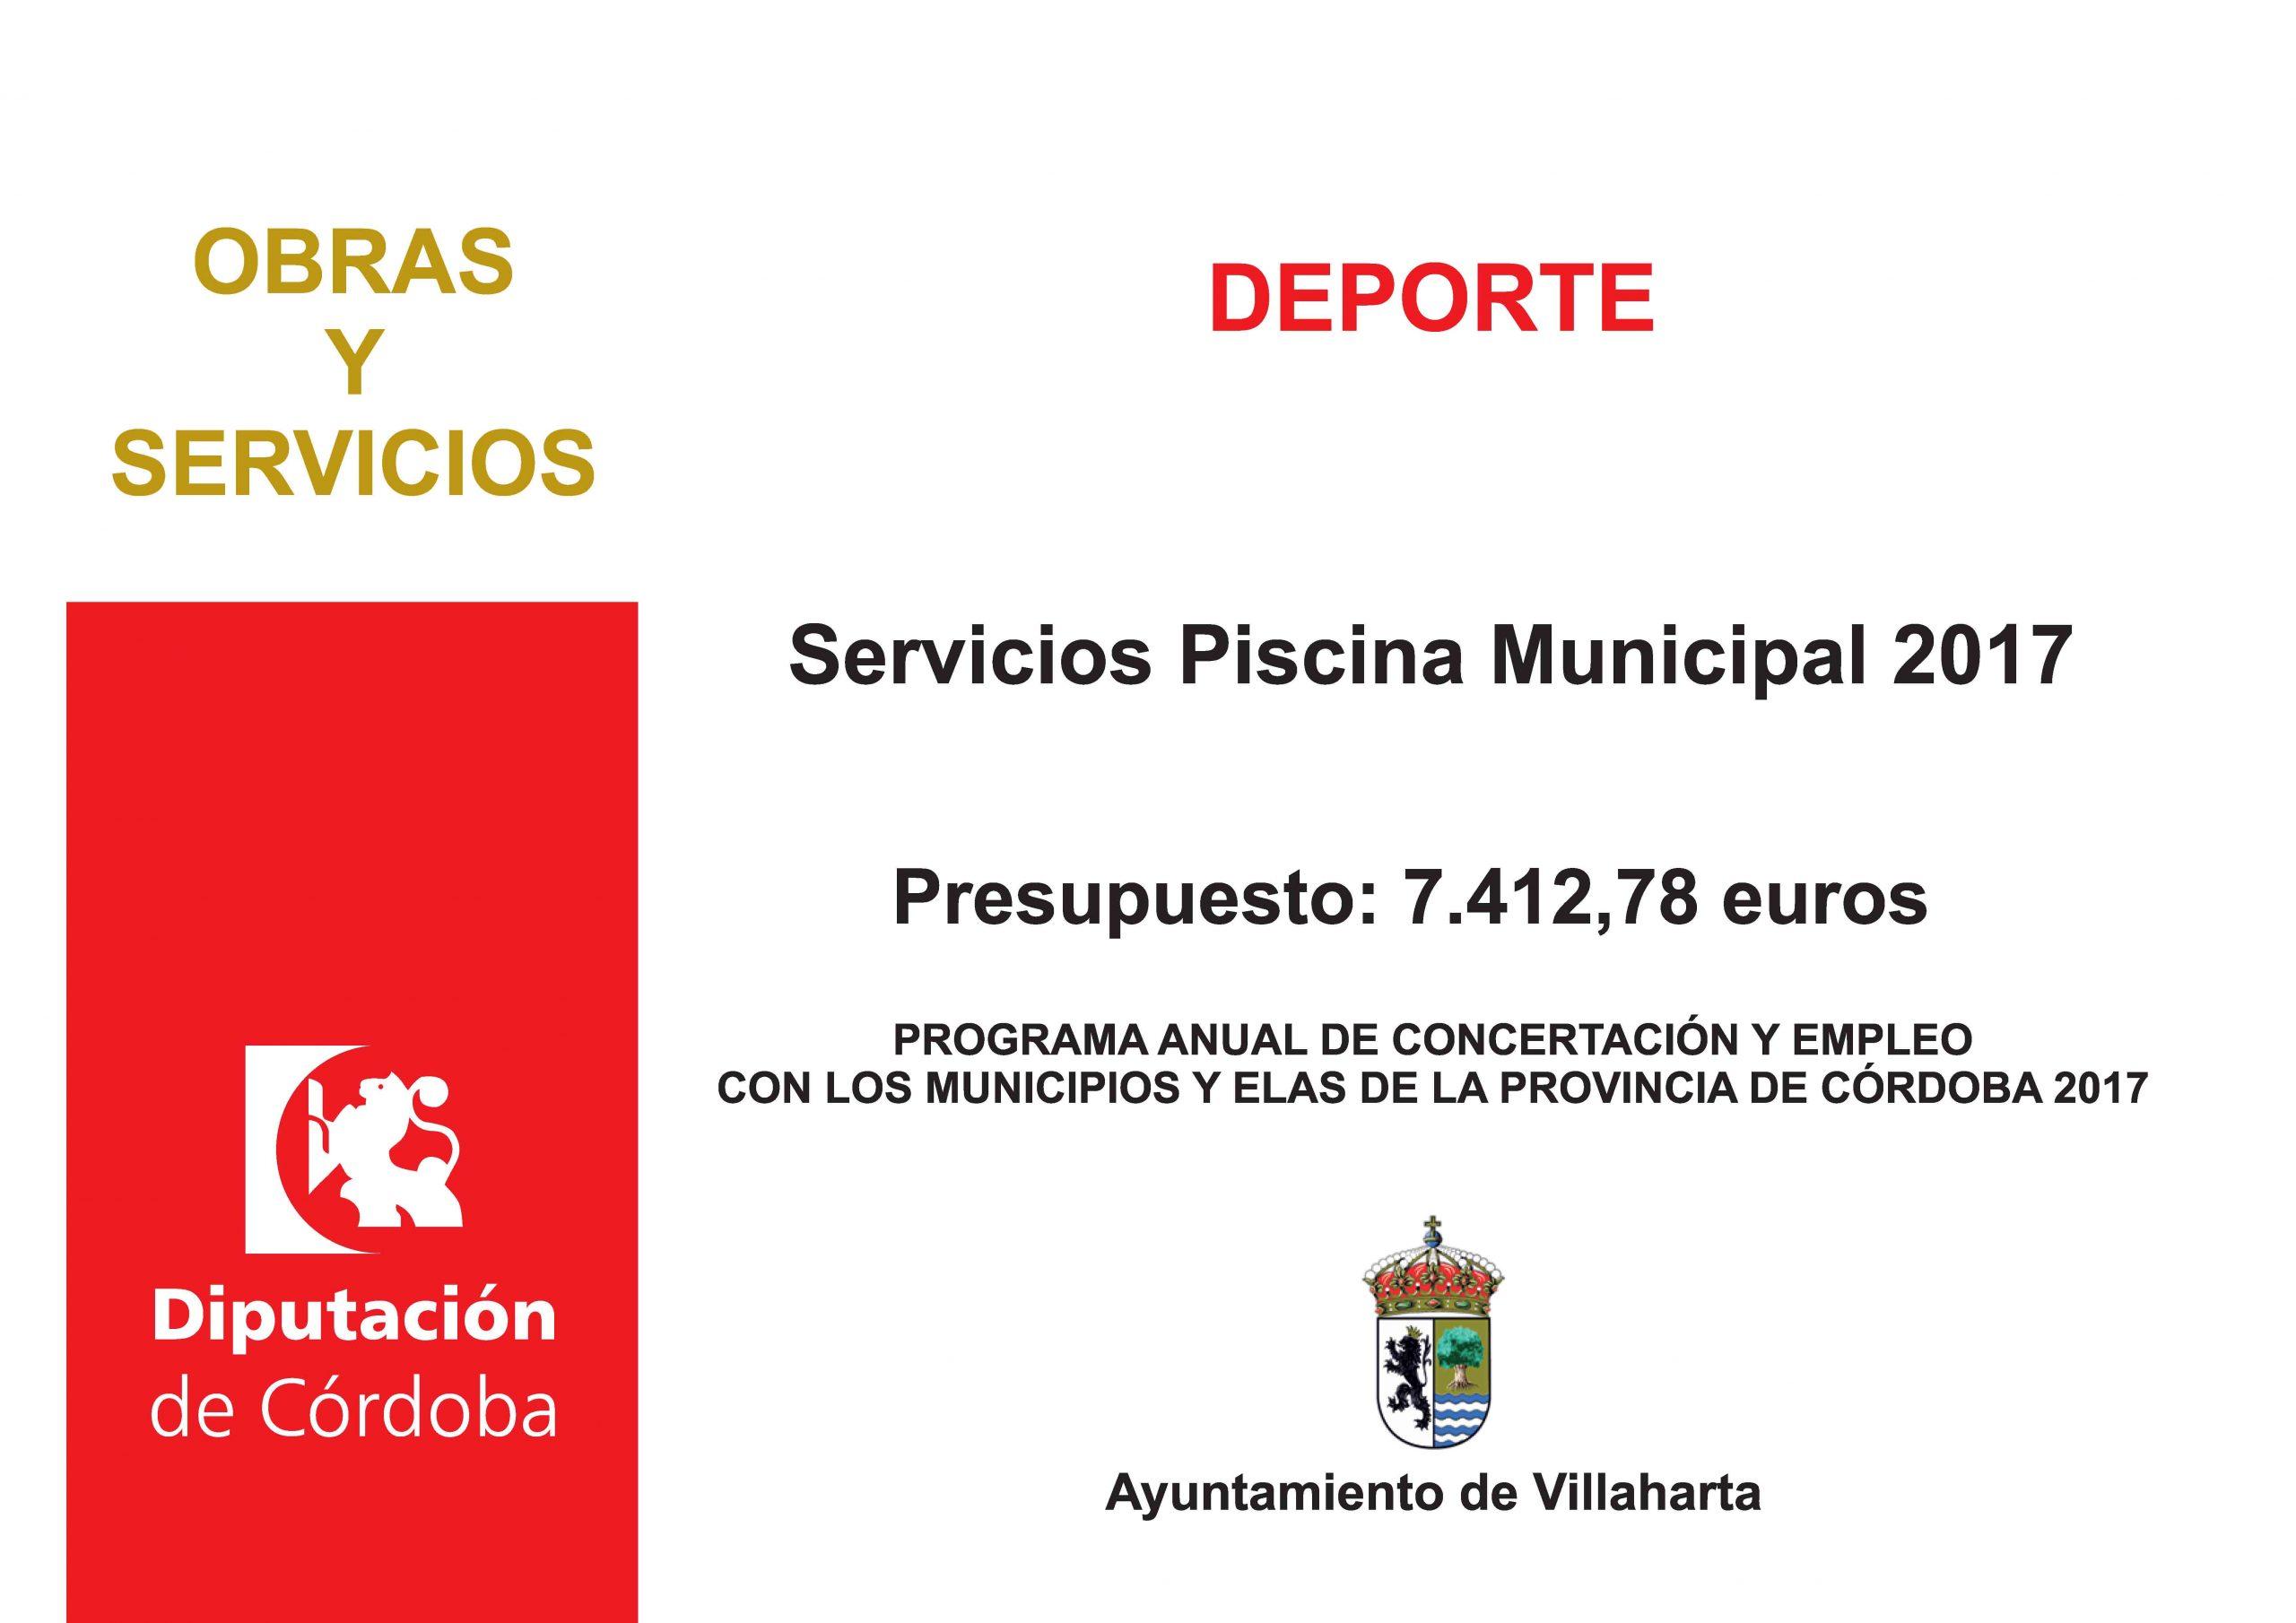 SUBVENCIONES RECIBIDAS. 2017 6